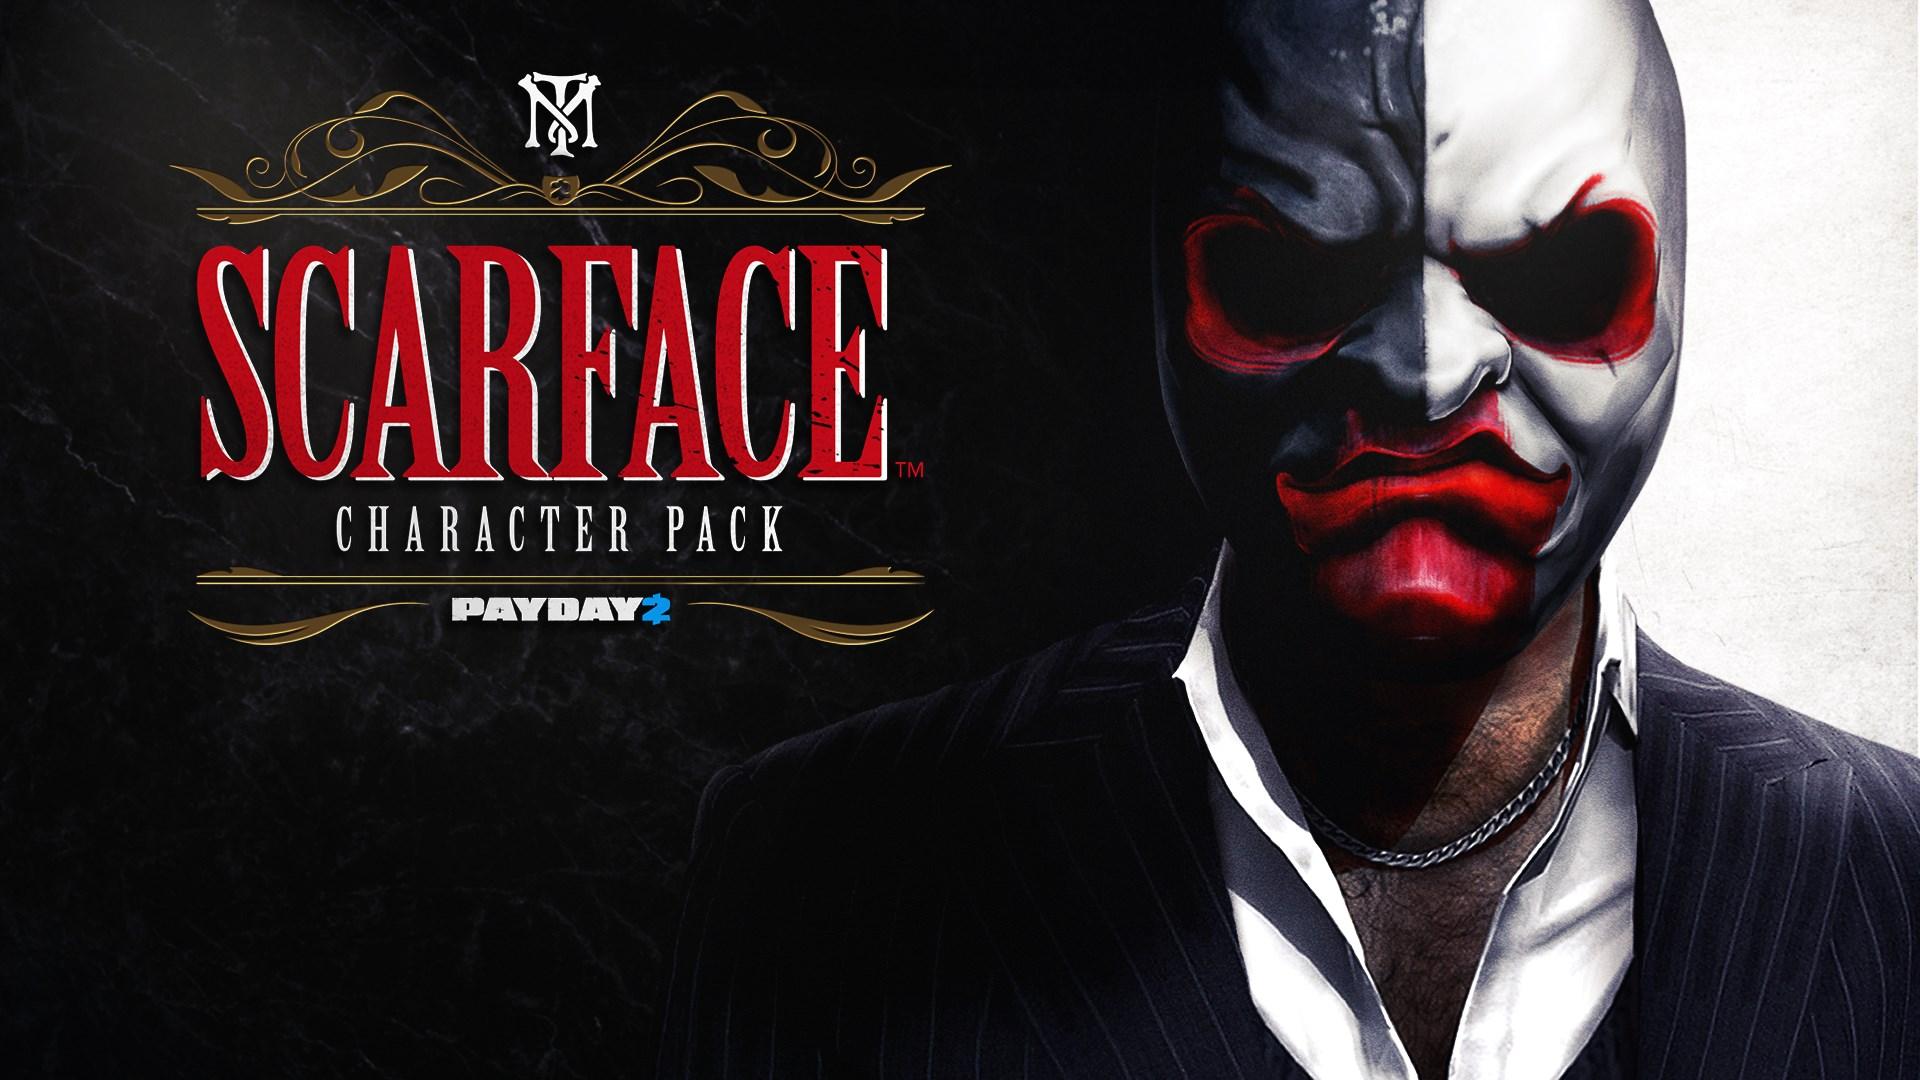 PAYDAY 2: CRIMEWAVE EDITION - Pacote de Personagens de Scarface